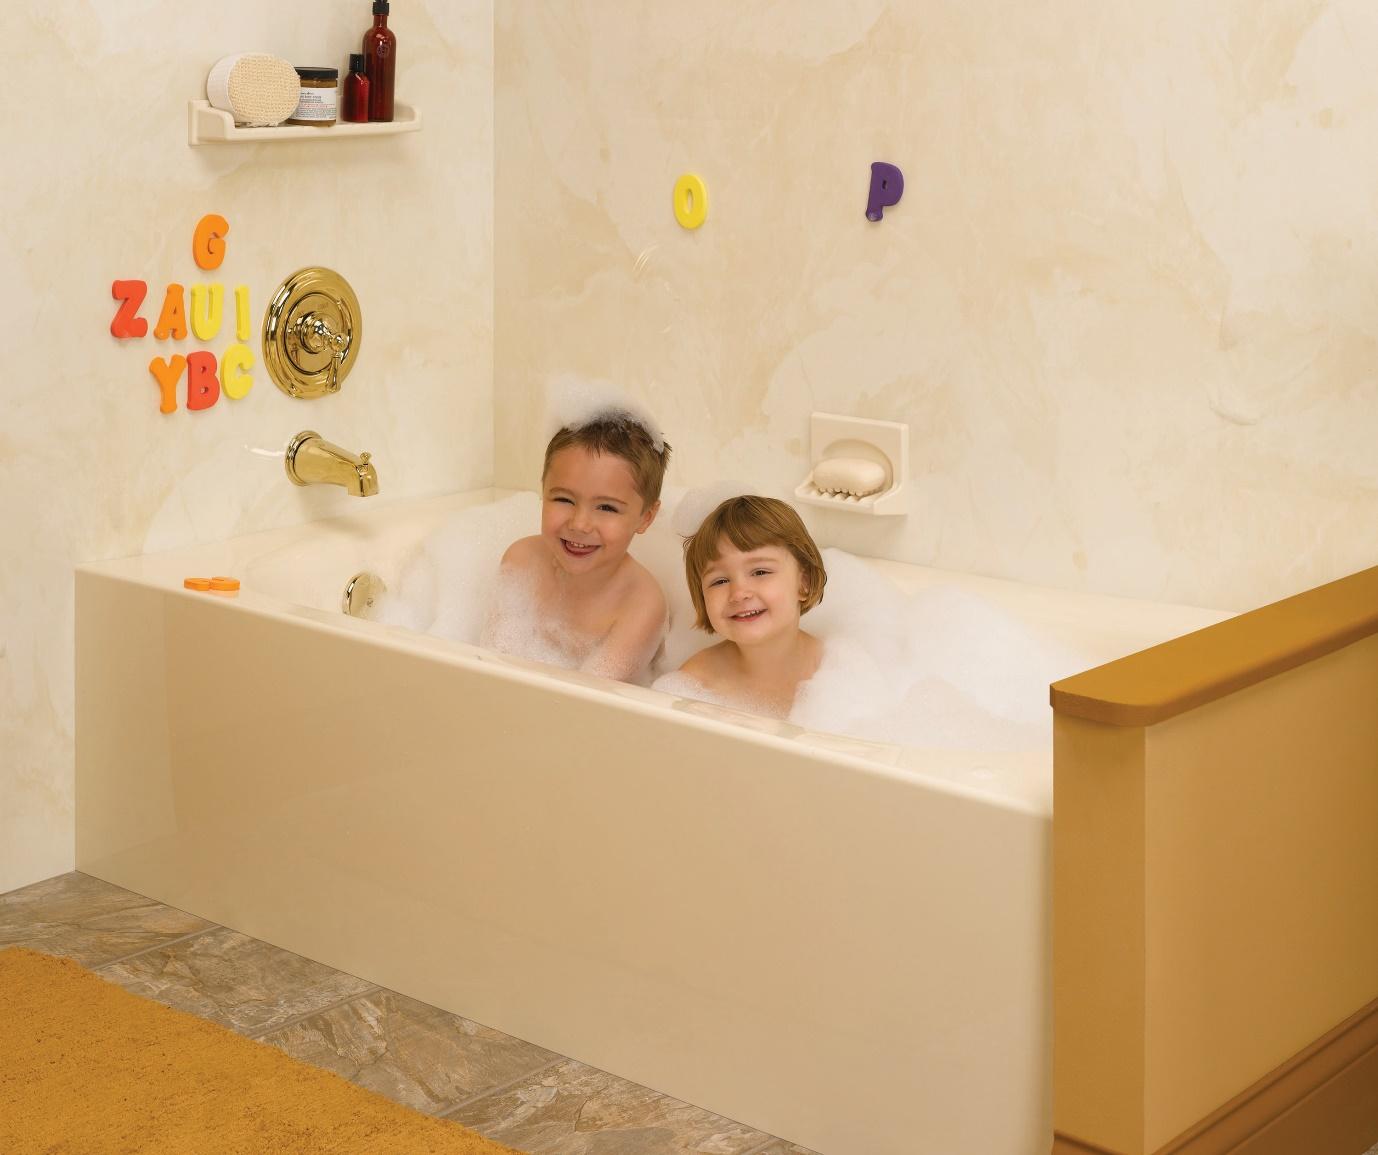 paylessbath-kids